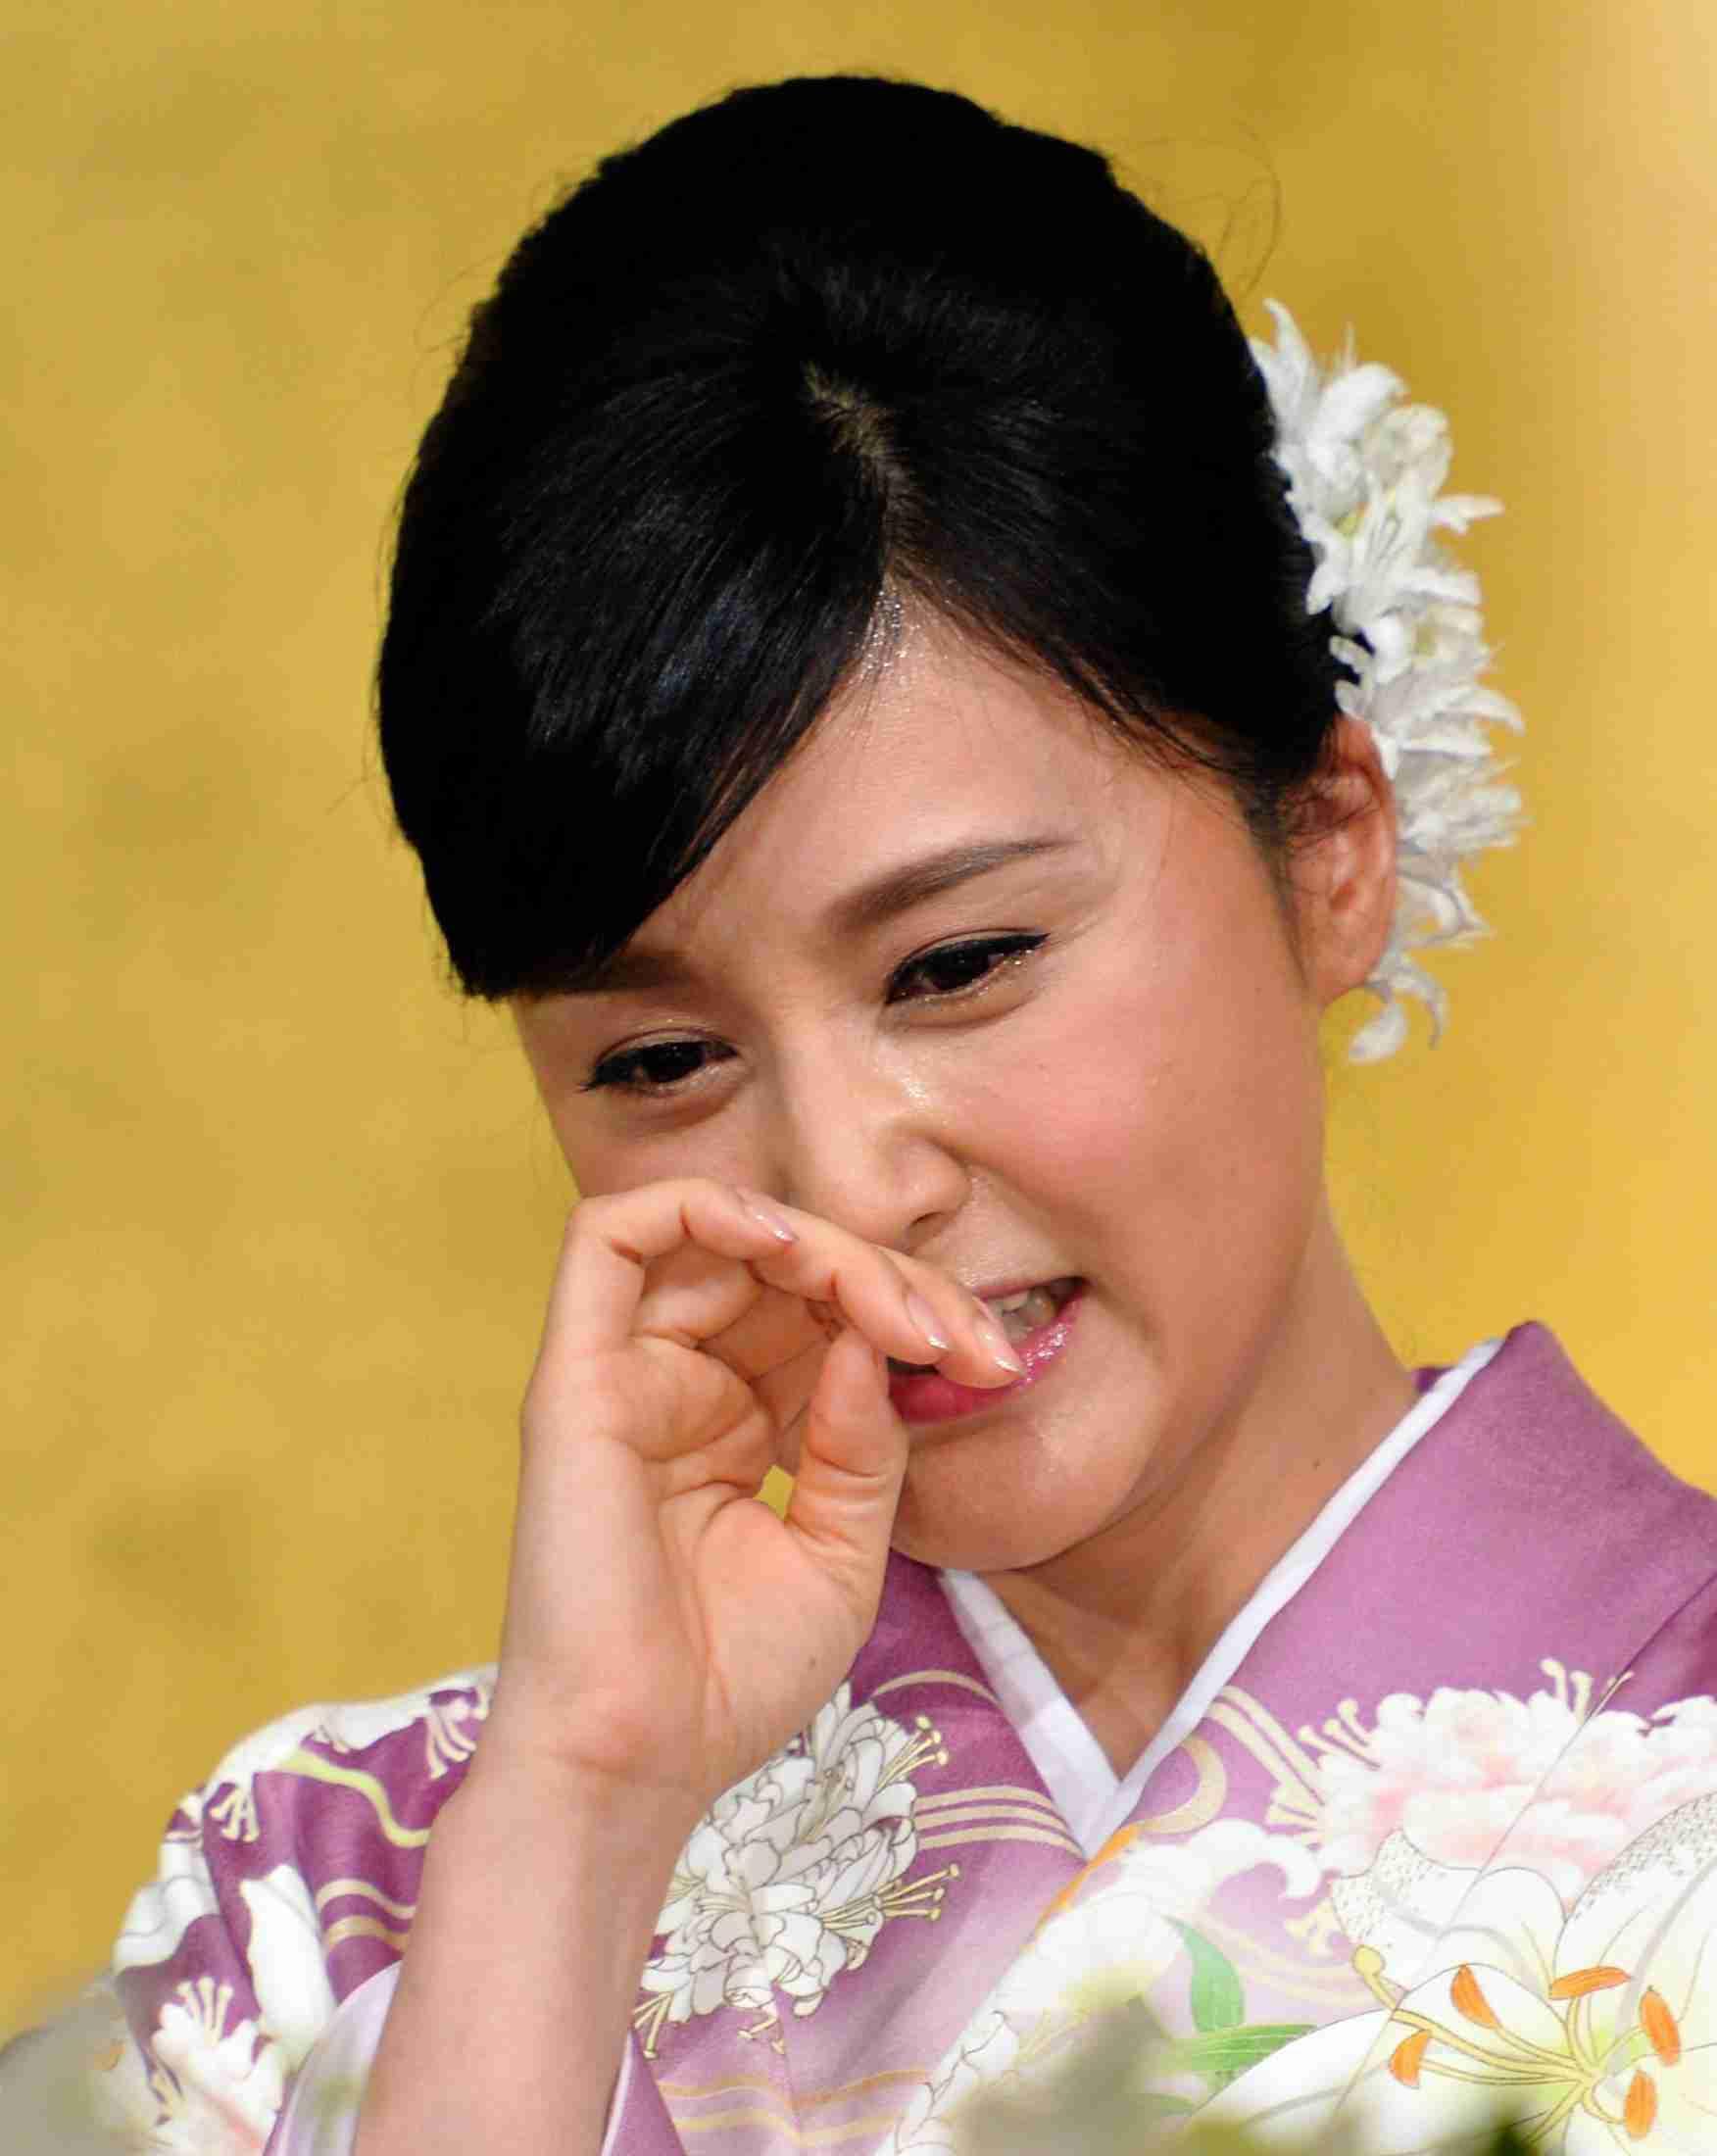 紀香「女心なのでできれば産みたい」 愛之助は「養子でも…」 (デイリースポーツ) - Yahoo!ニュース